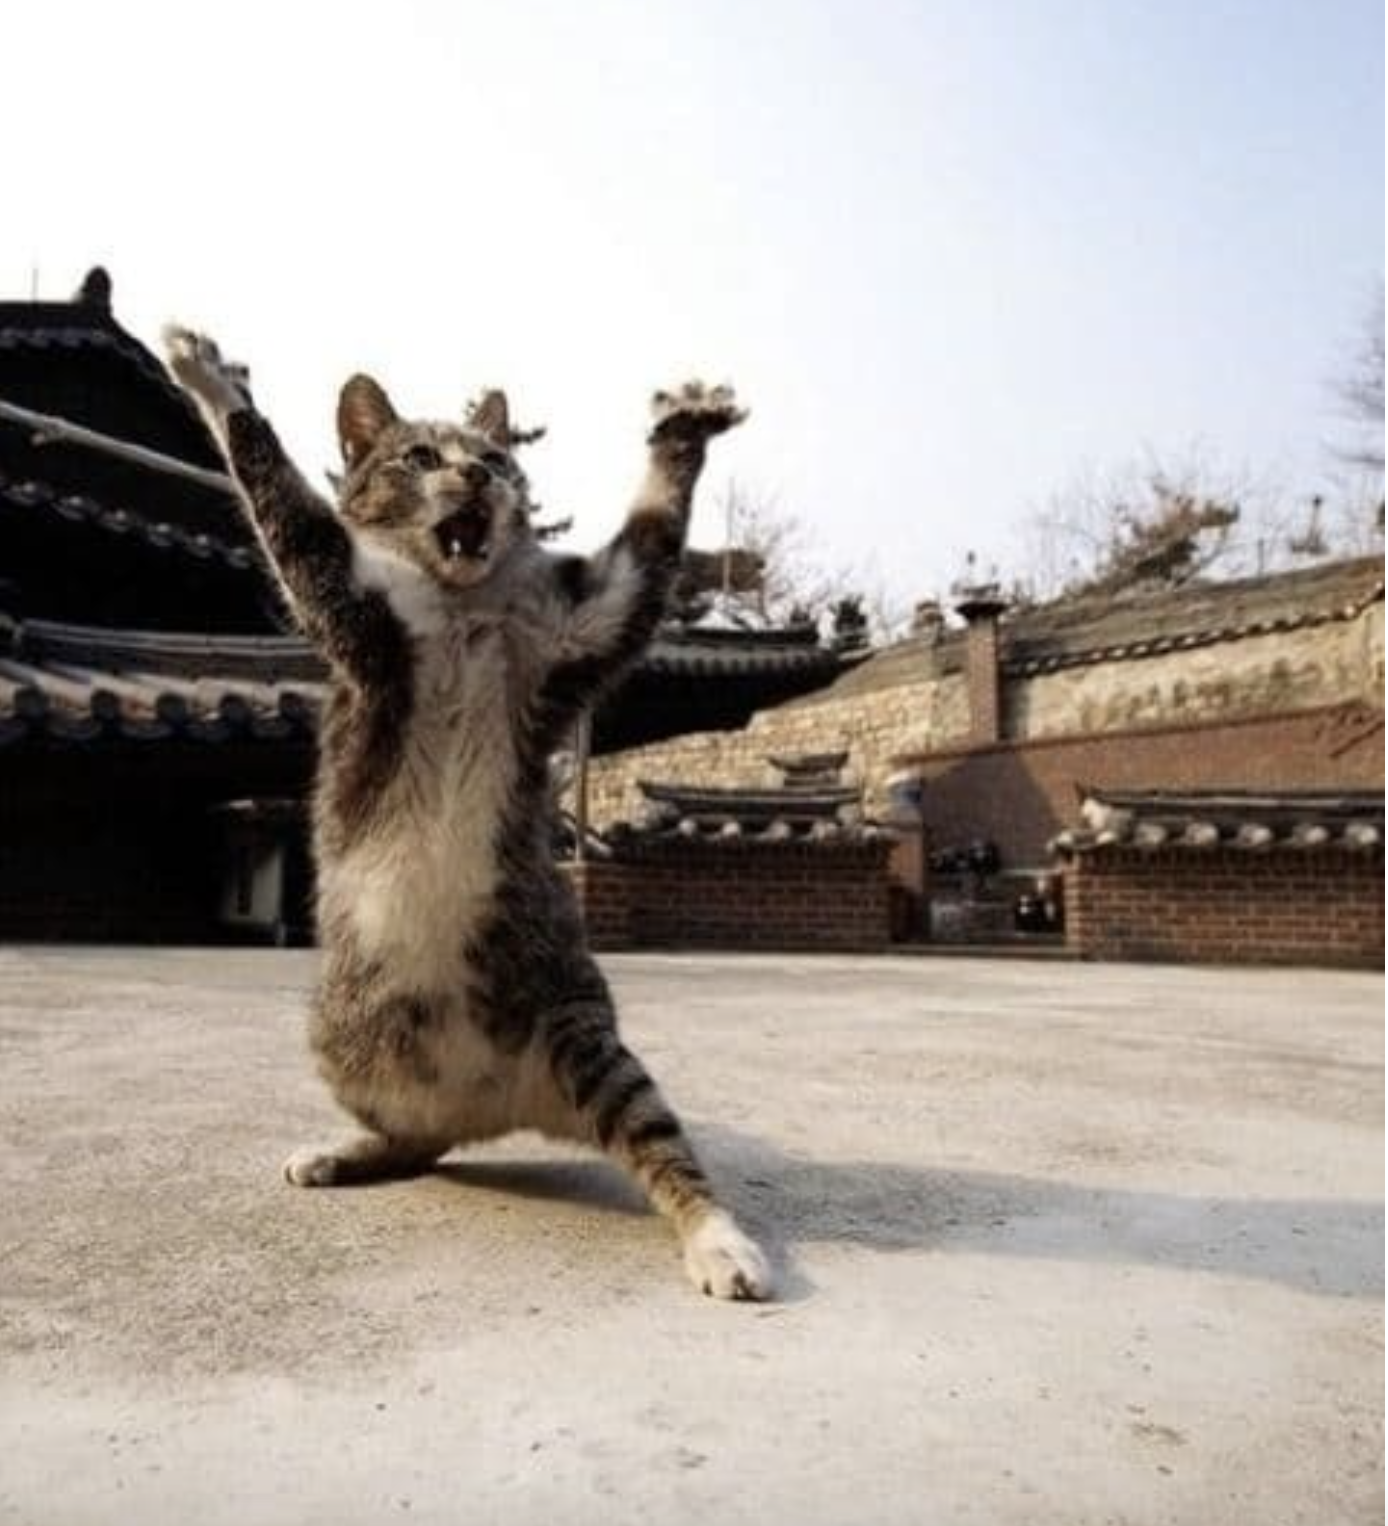 Is this Karate Cat? - (original photo)